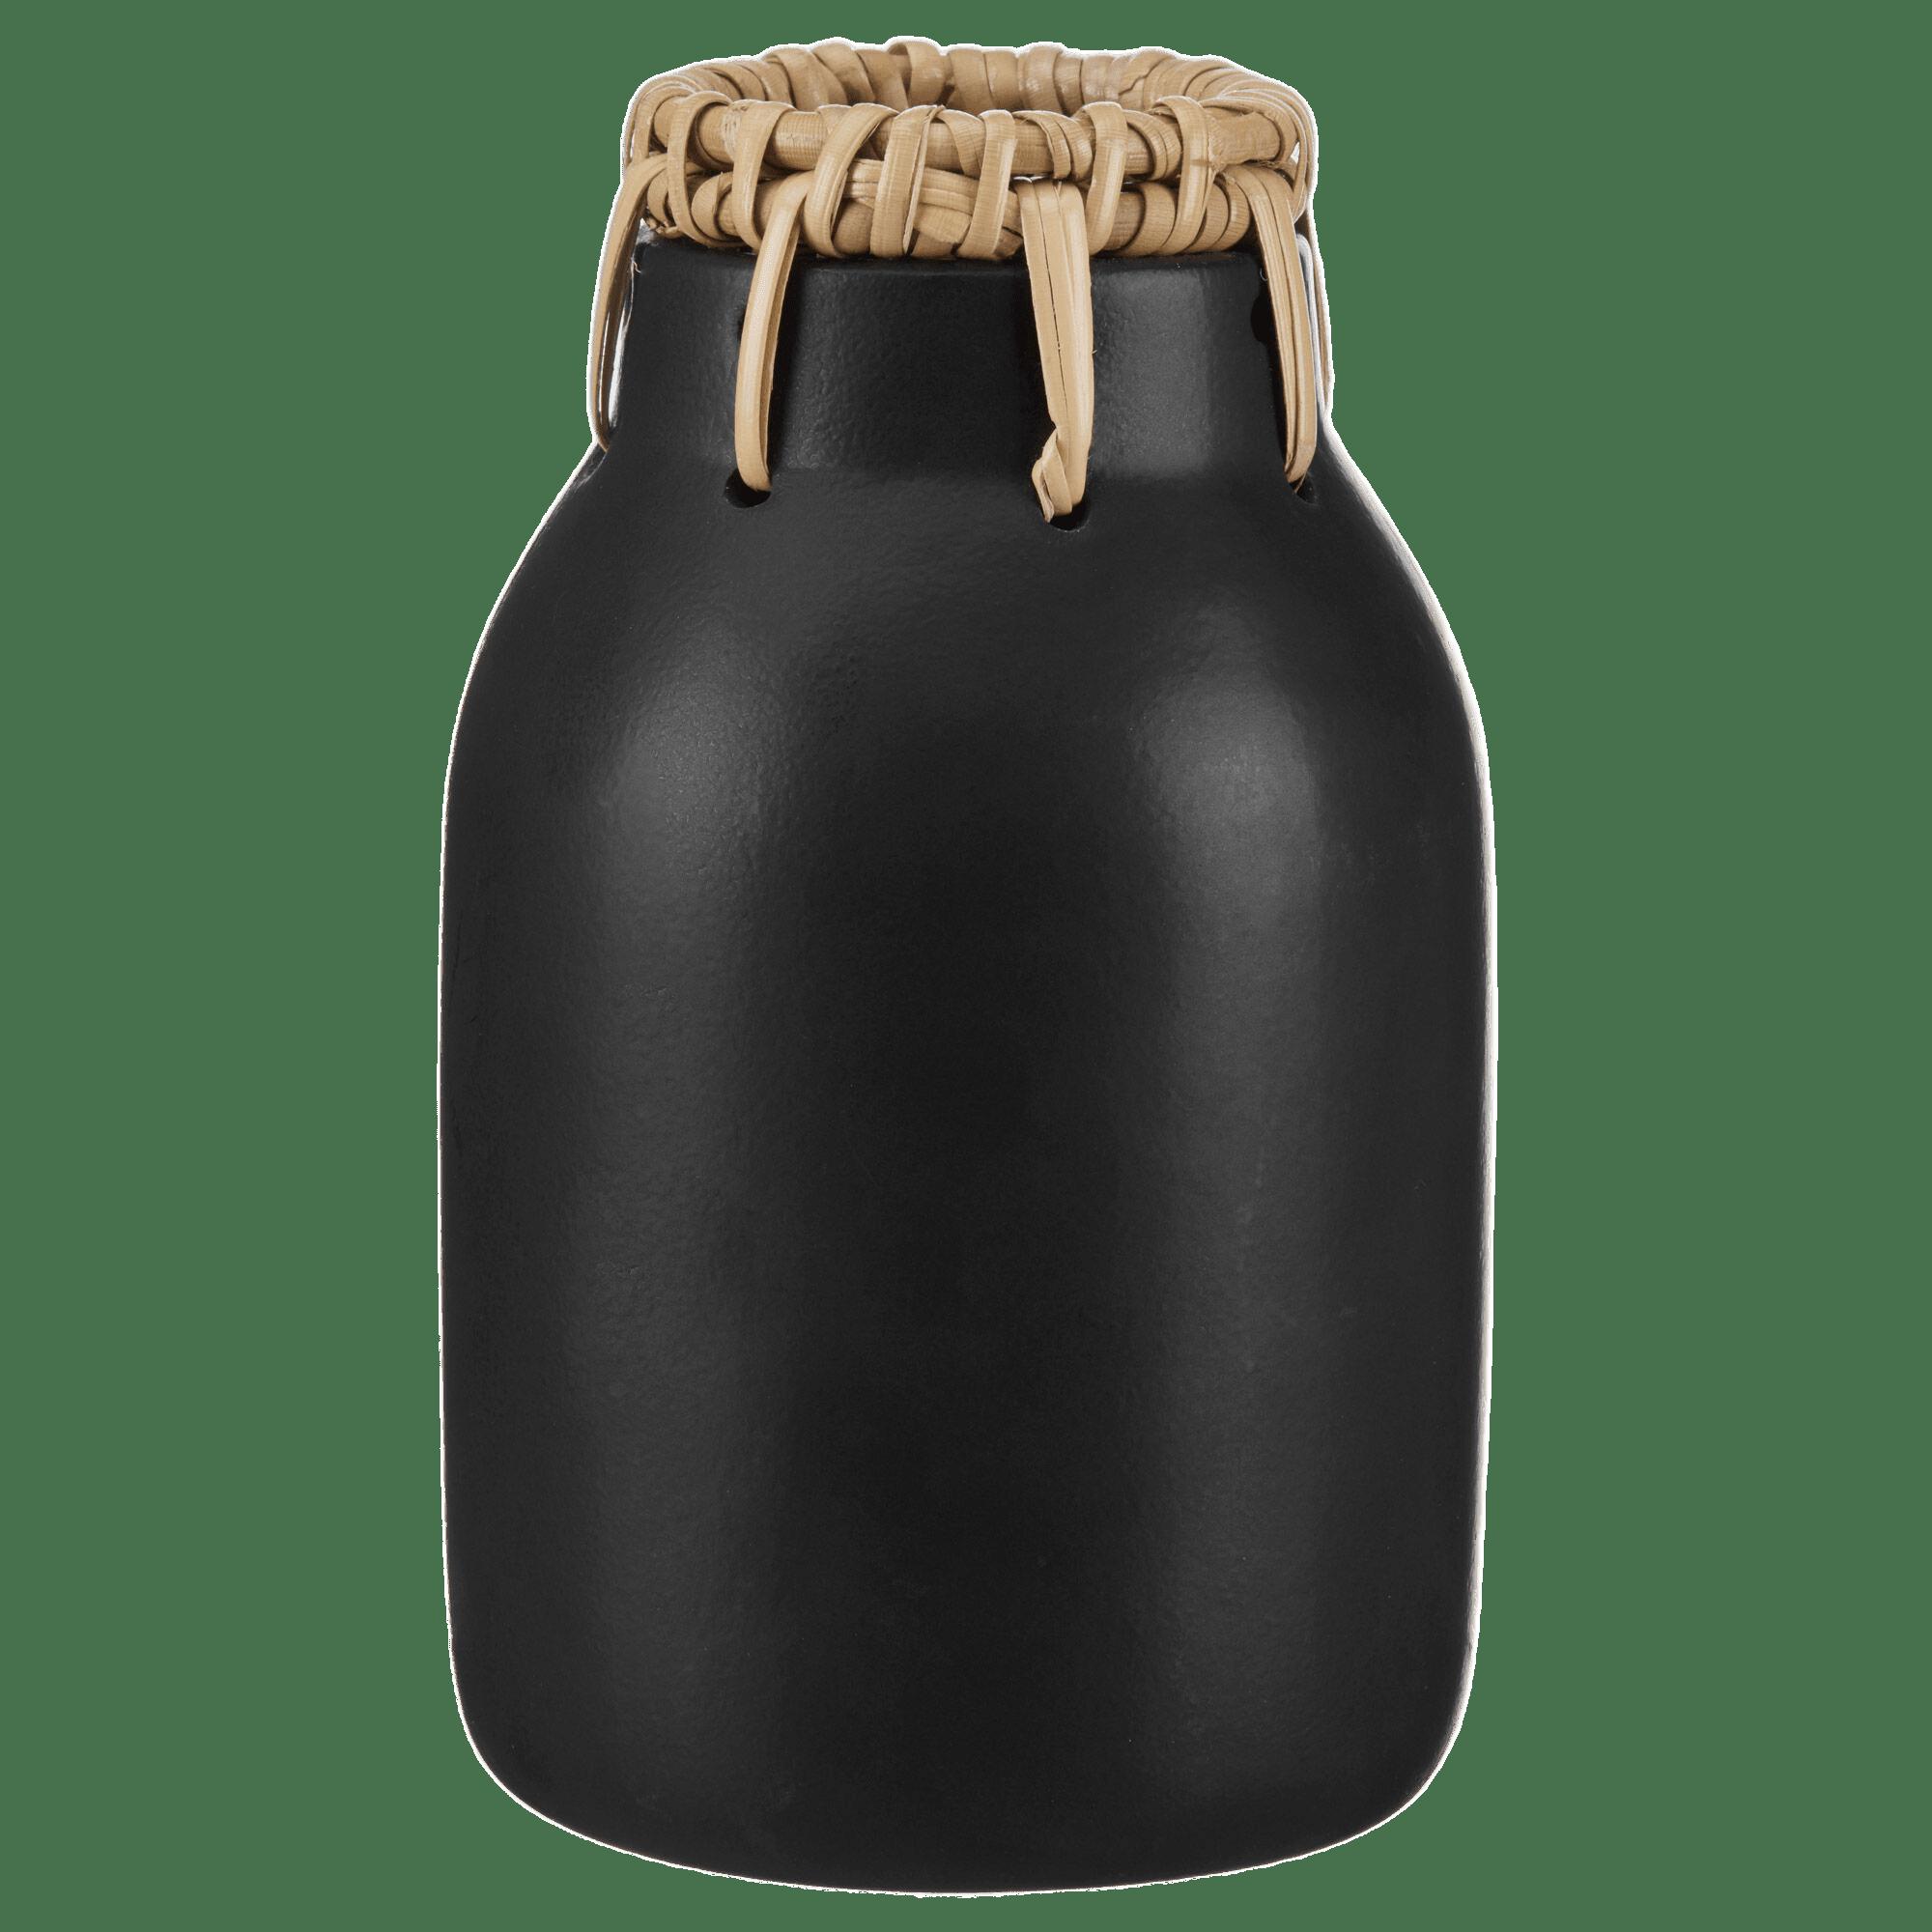 Vase en dolomite noire et bordure en rotin